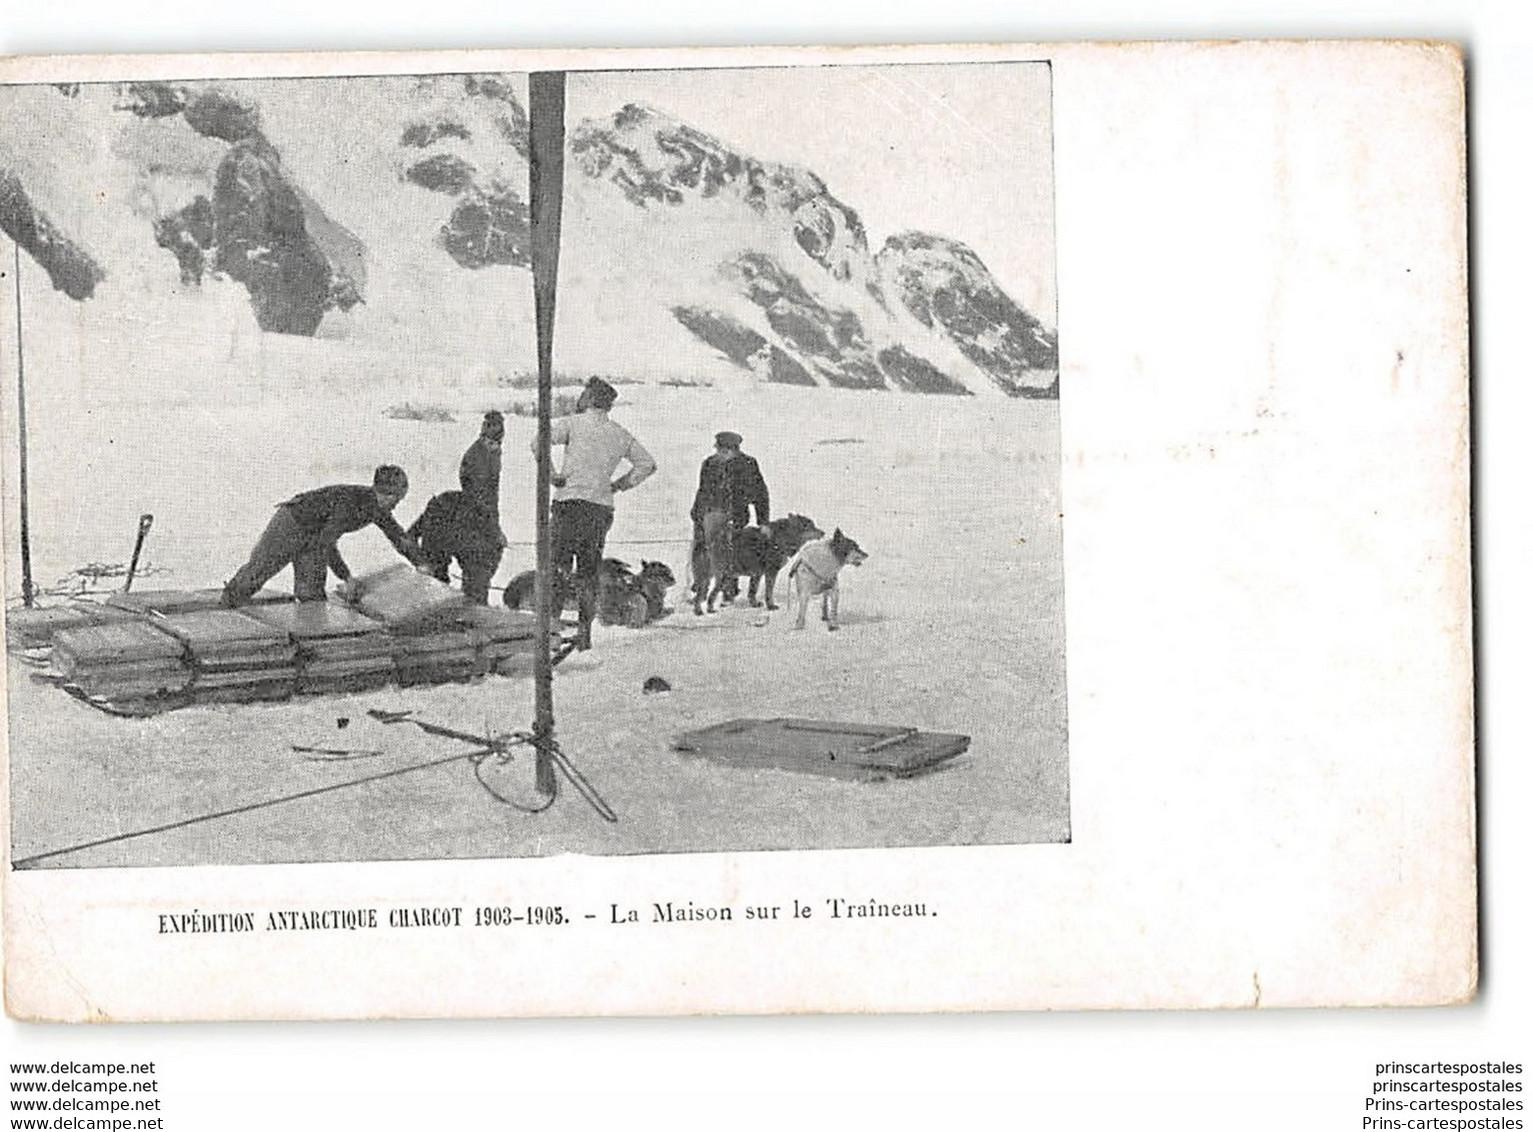 CPA Charcot Expedition Antartique  1903 - 1905 La Maison Sur Le Traineau - Missions